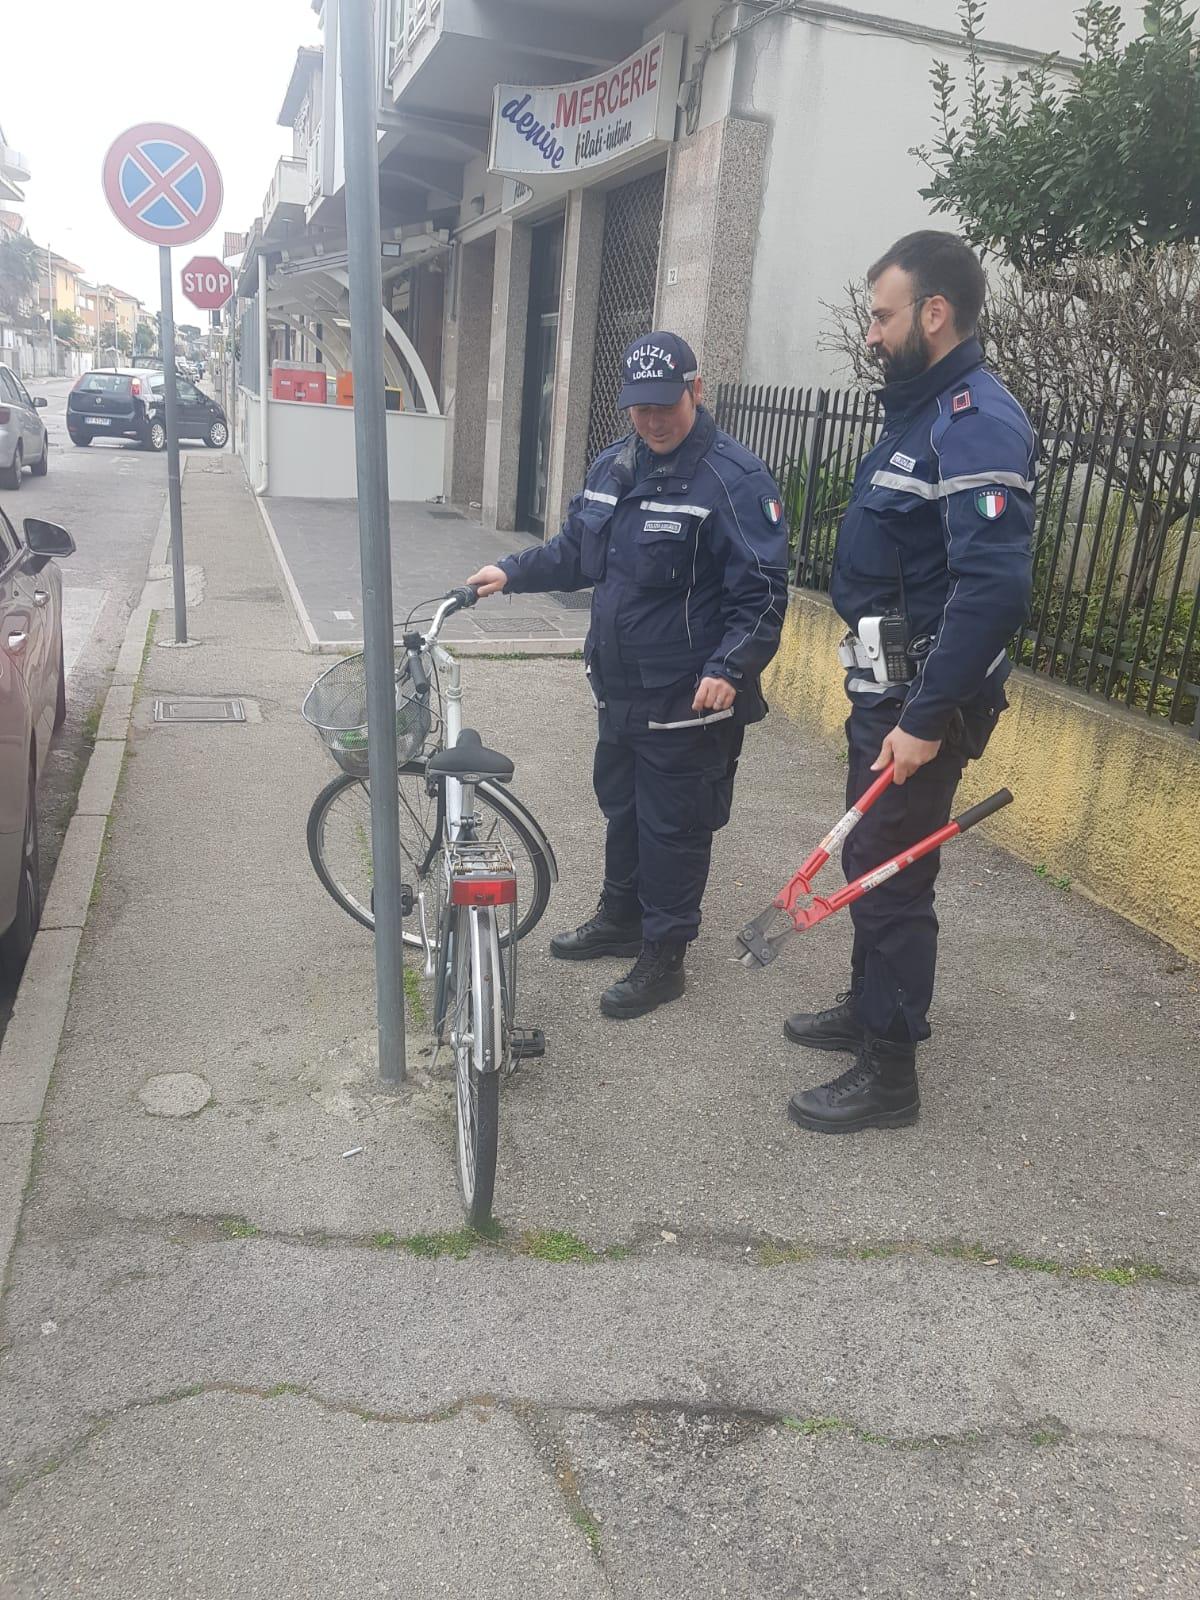 Contrasto degrado, rimosse le bici abbandonate sul territorio